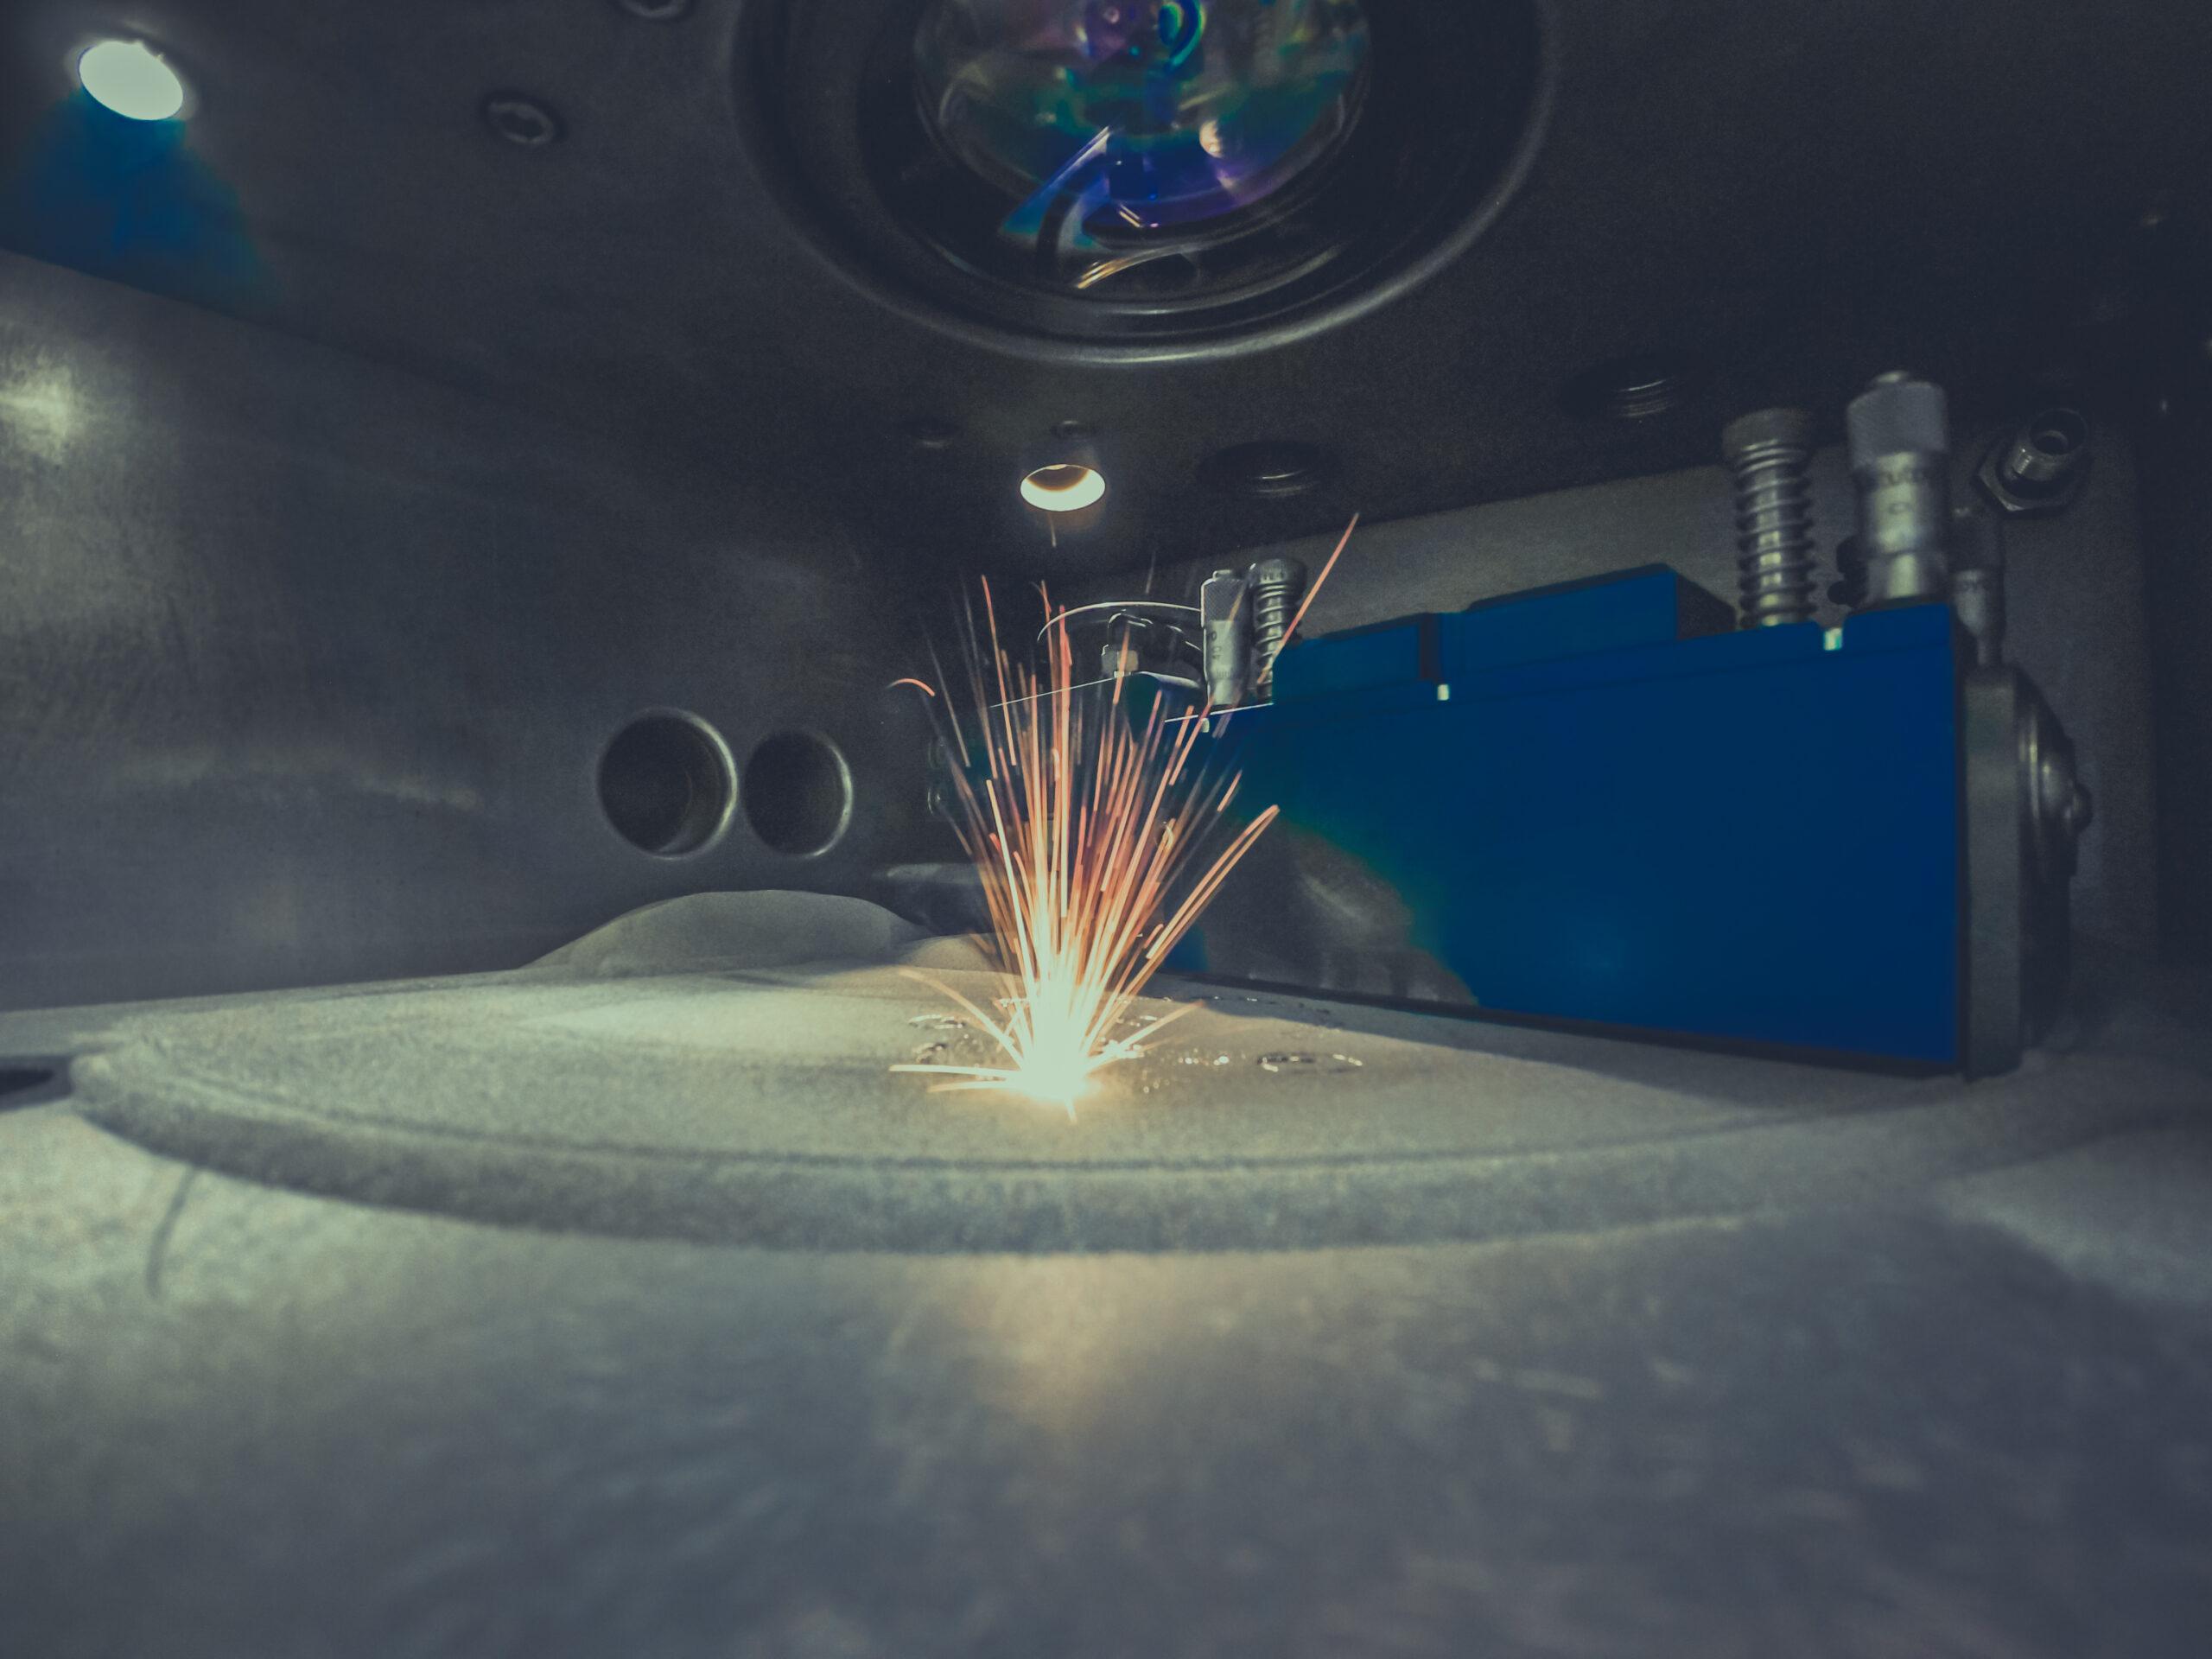 Direct Metal Laser Sintering Image